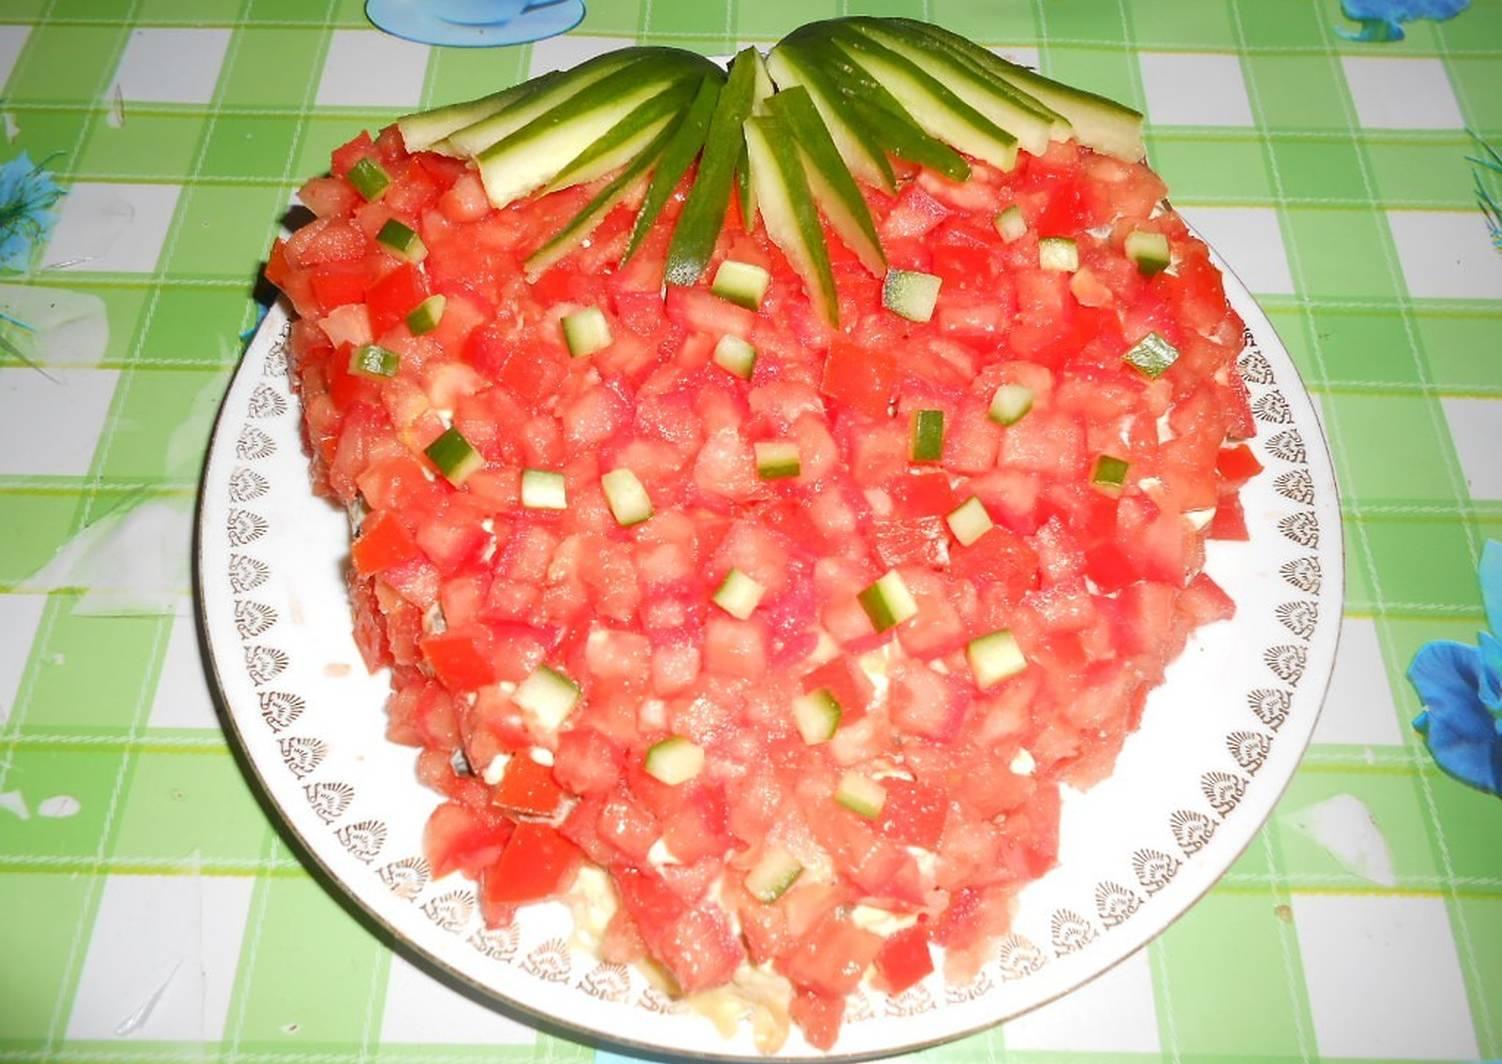 рогов-пантов салат ягодка рецепт с фото того